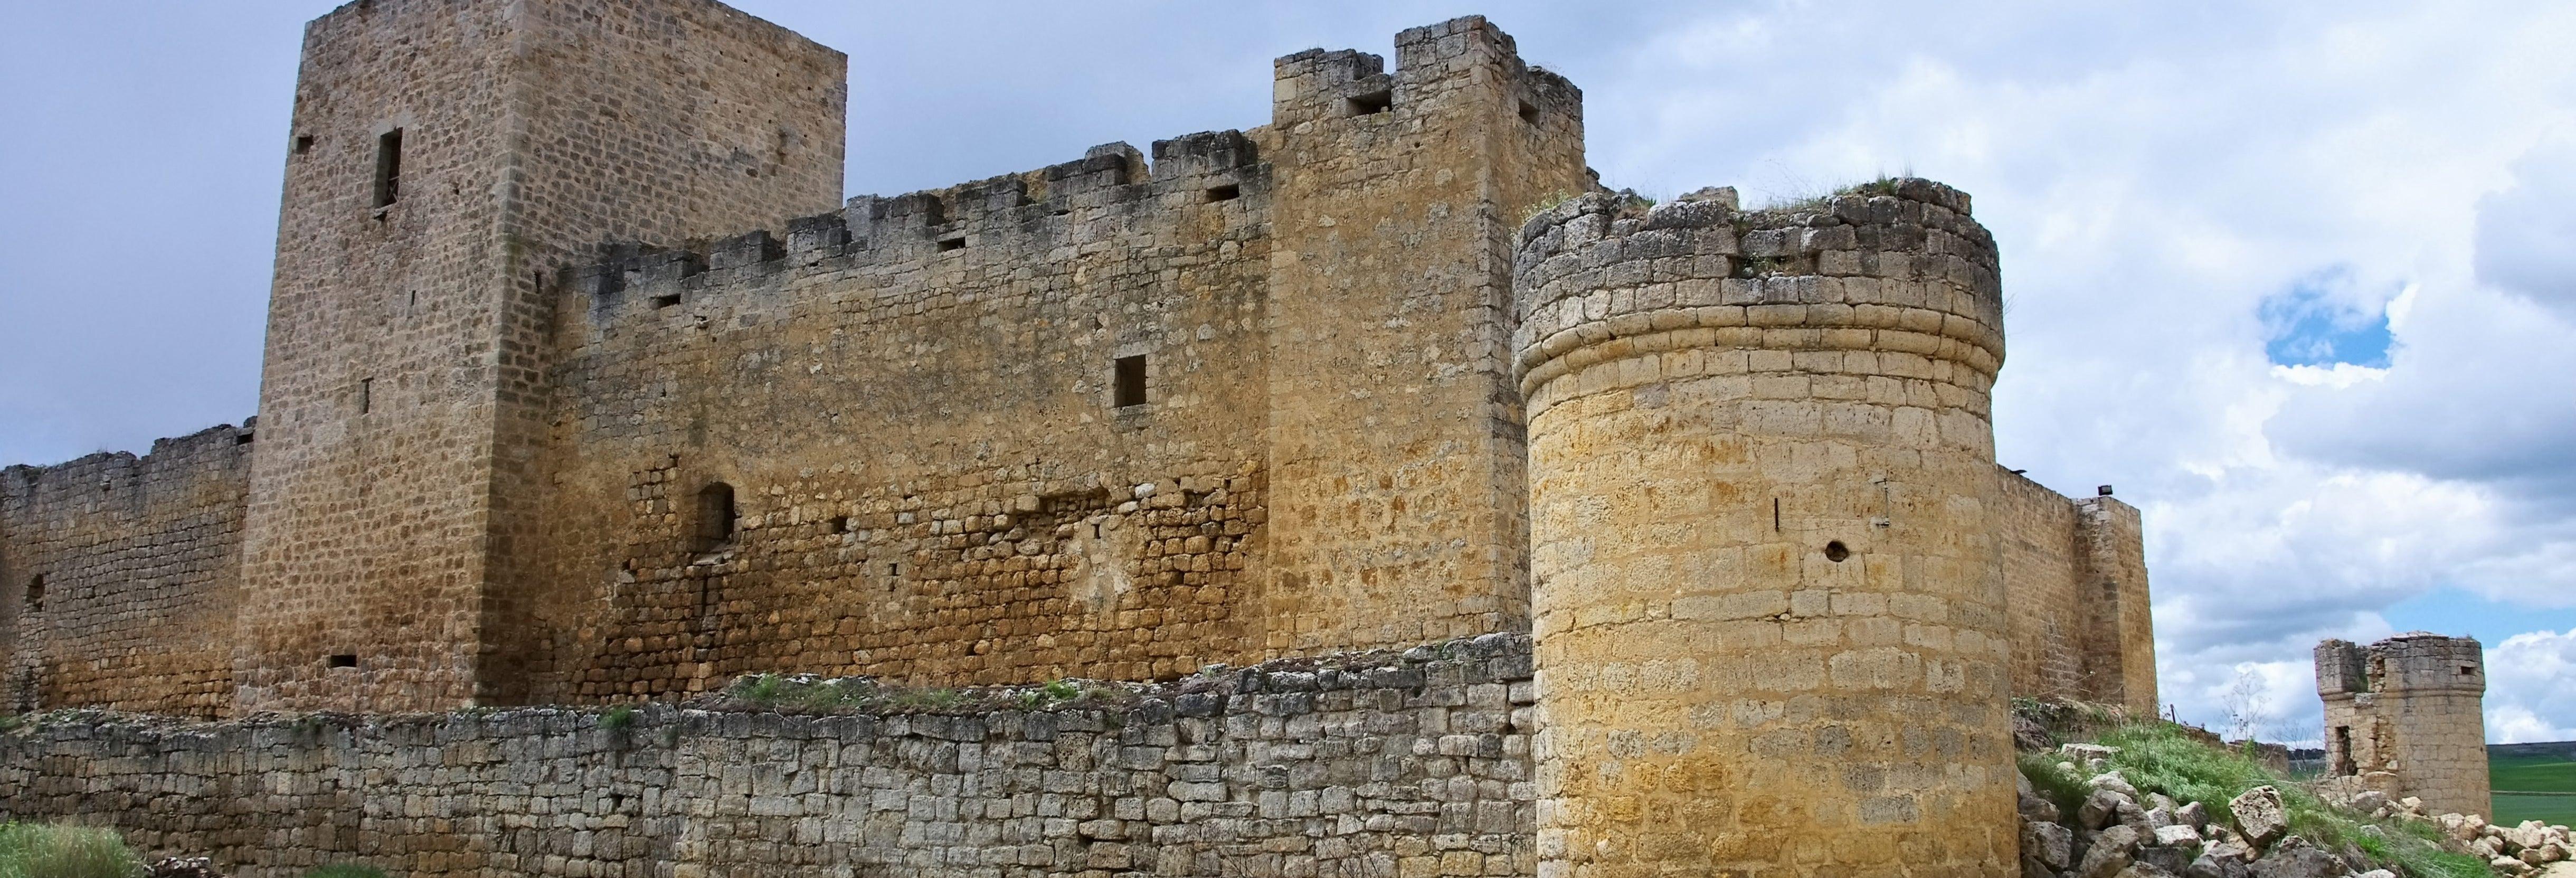 Ingresso do Castelo Encantado de Trigueros del Valle